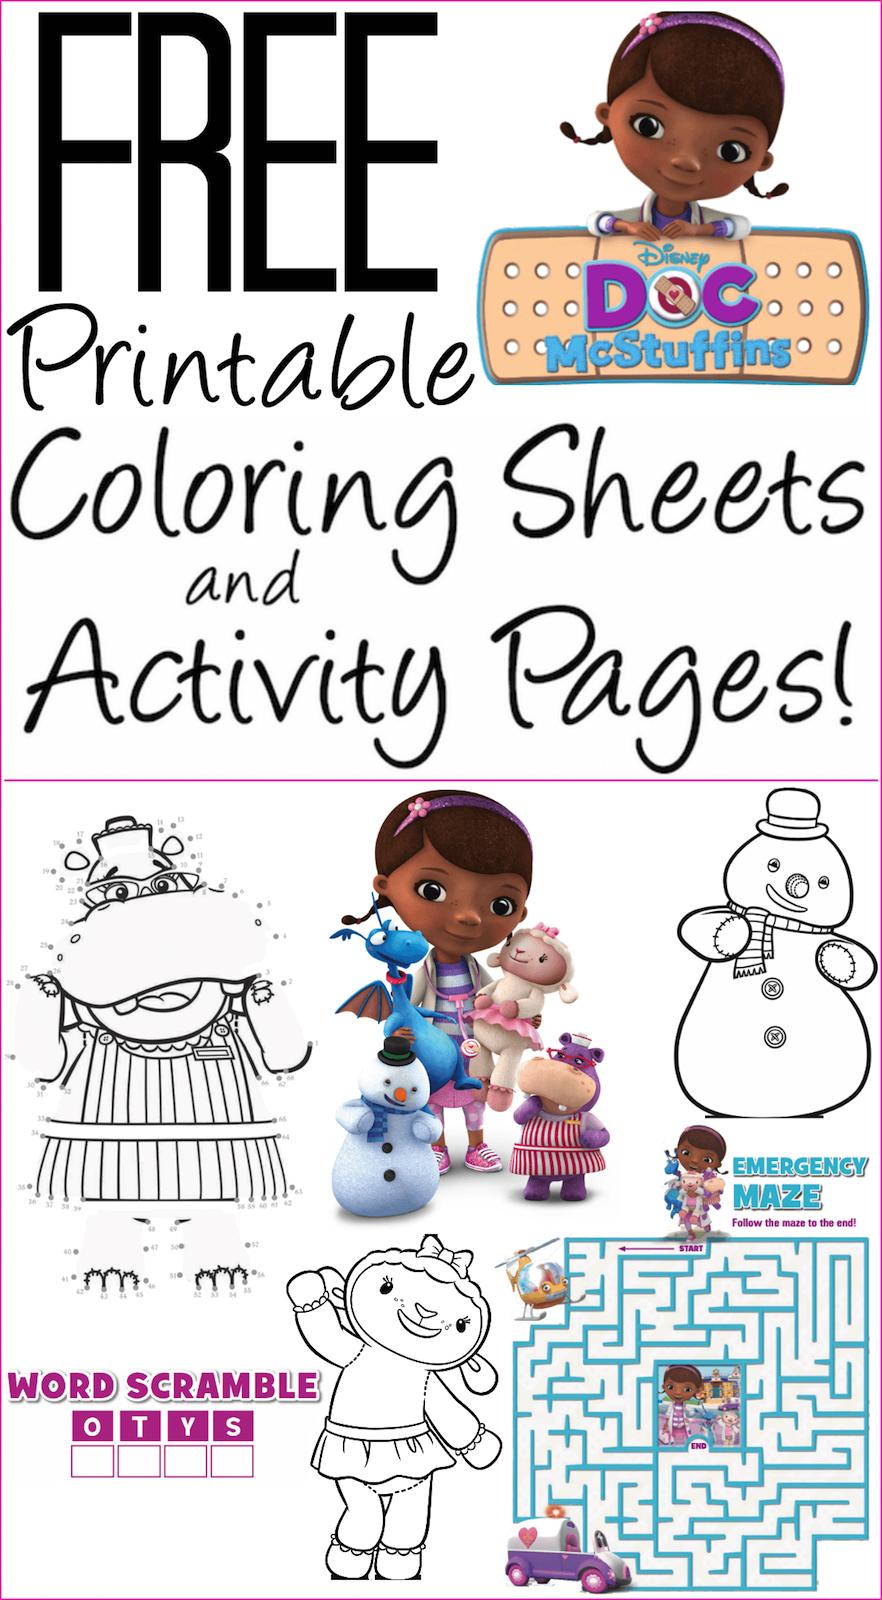 Free Doc McStuffins Coloring Pages